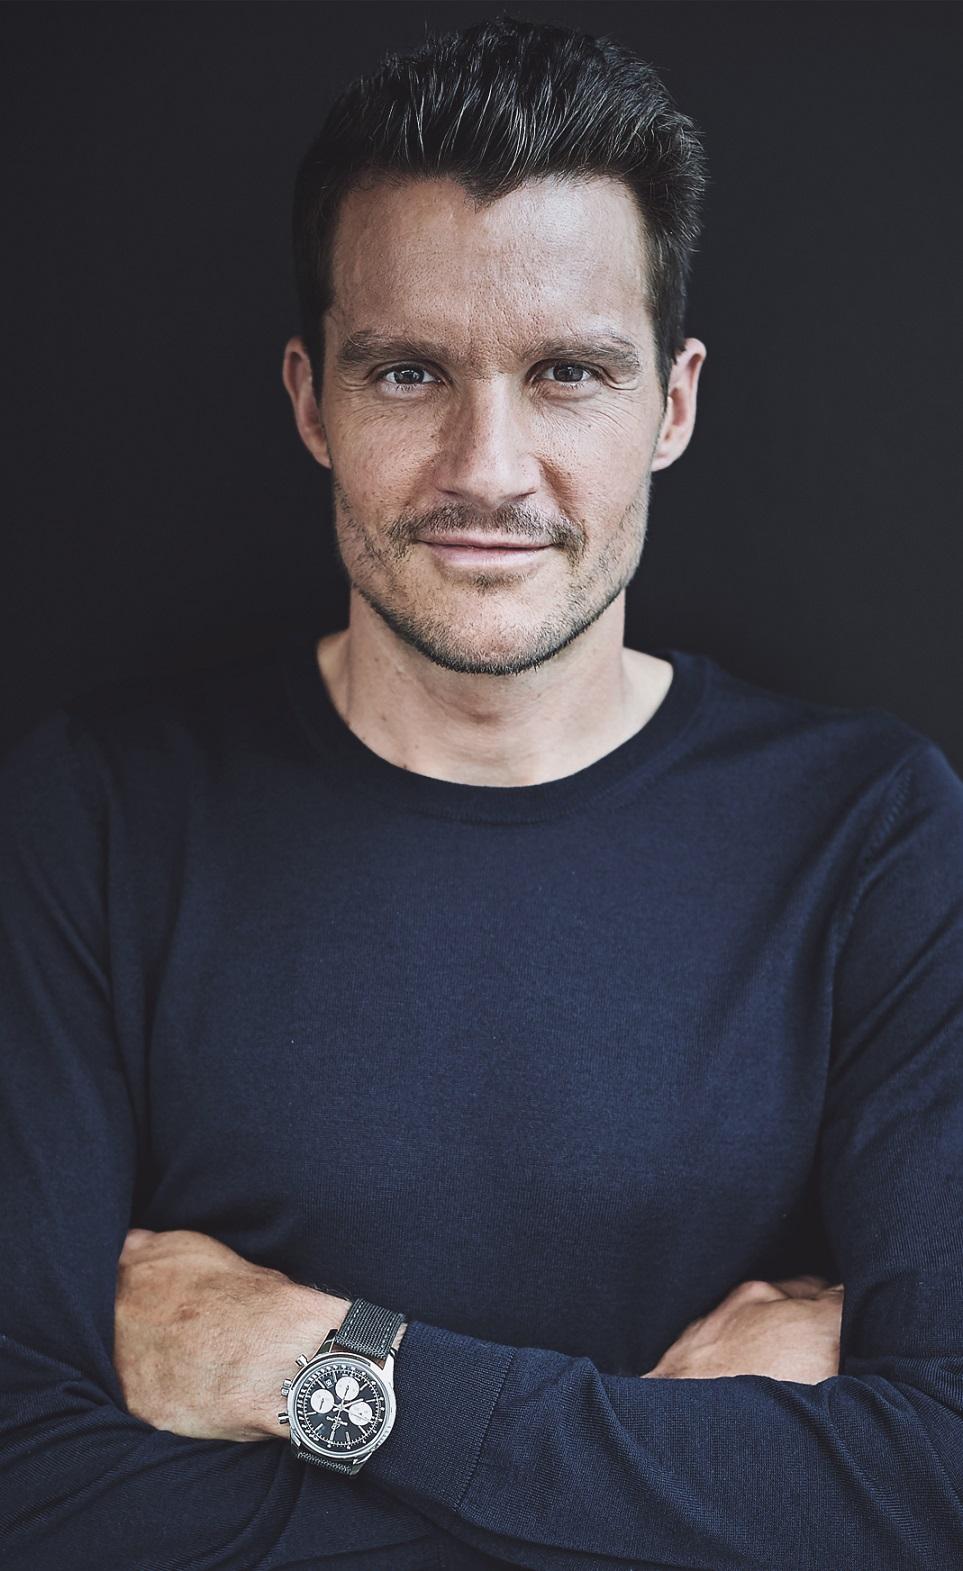 Triathlon-Olympiasieger Jan Frodeno als Speaker beim Aufstiegskongress 2019